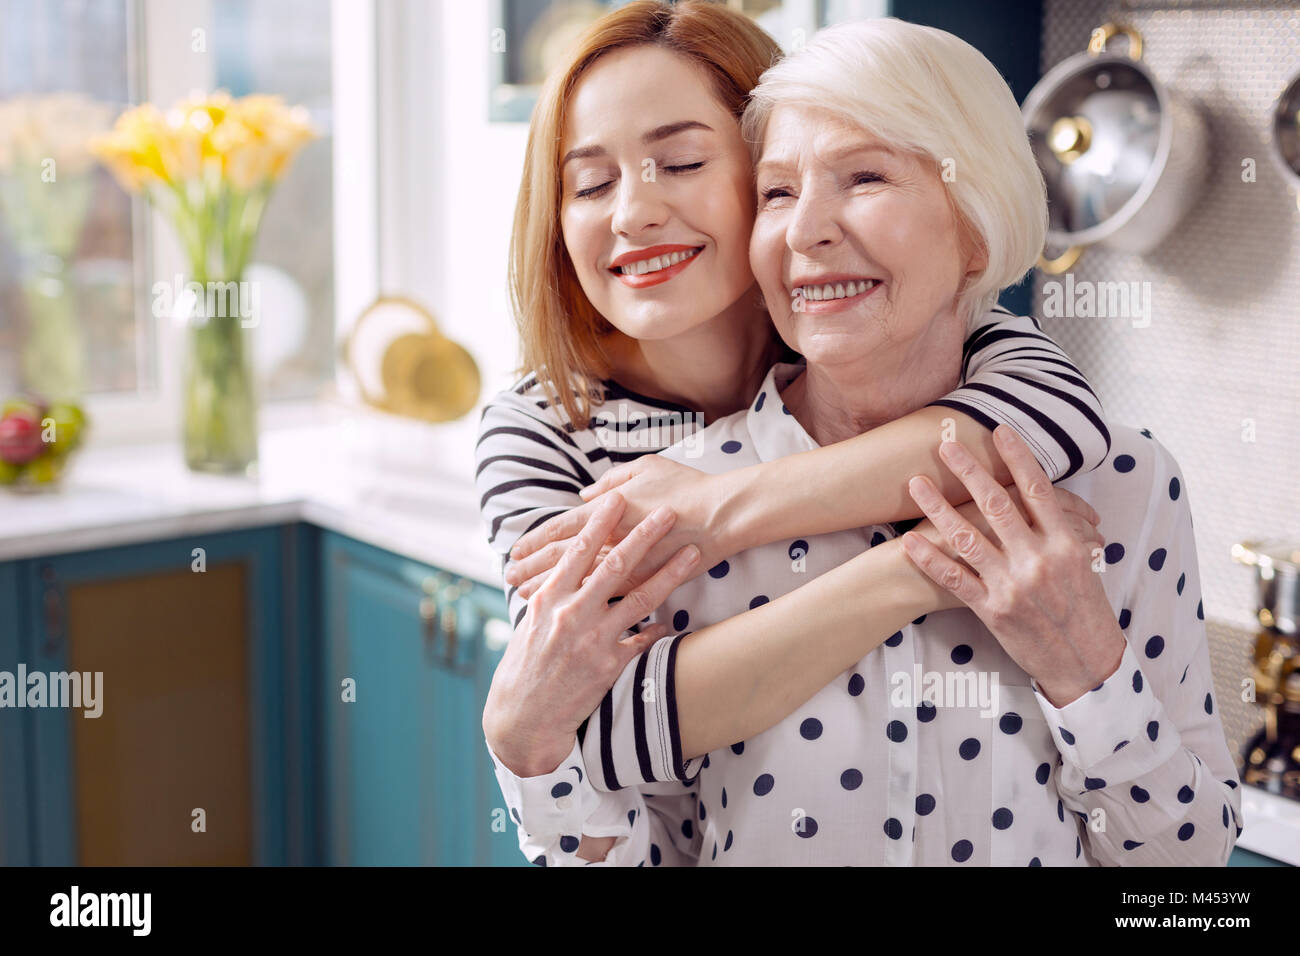 Loving daughter giving her senior mother back hug - Stock Image